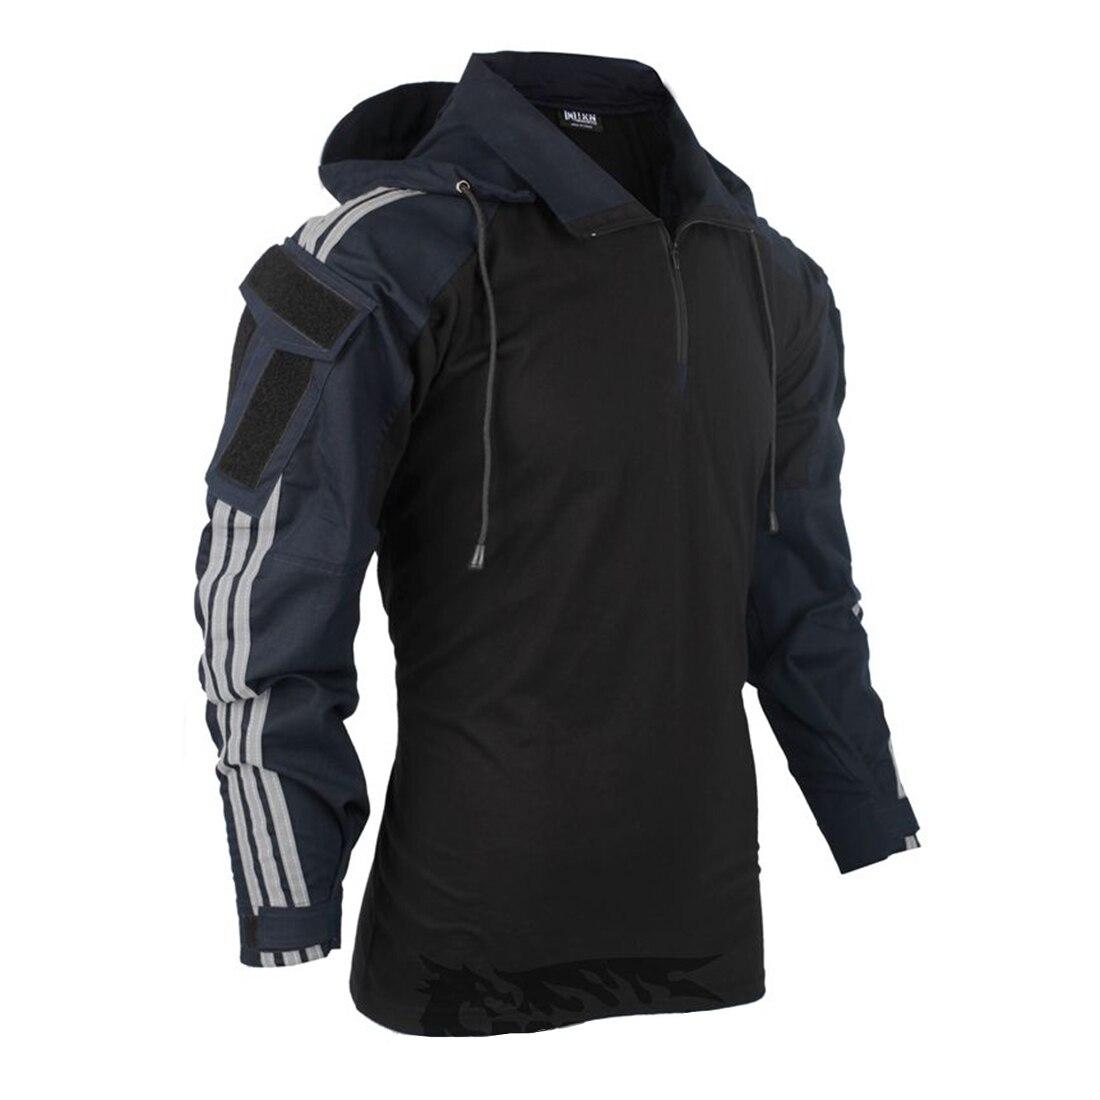 bacraft-chemise-tactique-manches-longues-polyester-coton-plaid-35-coton-bleu-fonce-xs-s-m-l-xl-xxl